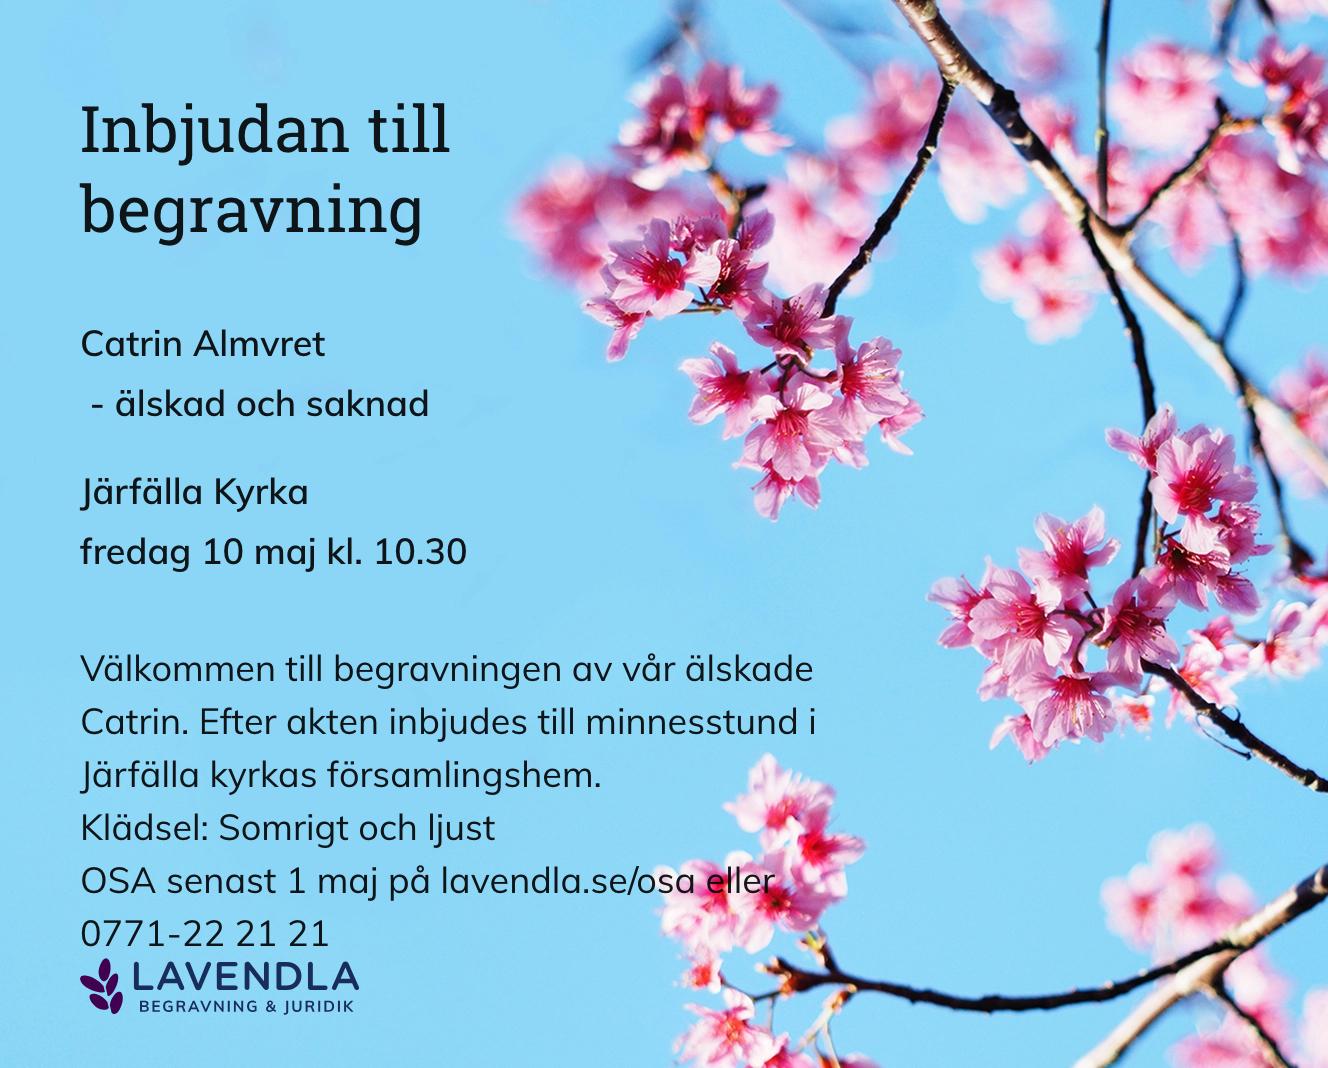 Inbjudningskort till ceremonin för Catrin Almvret